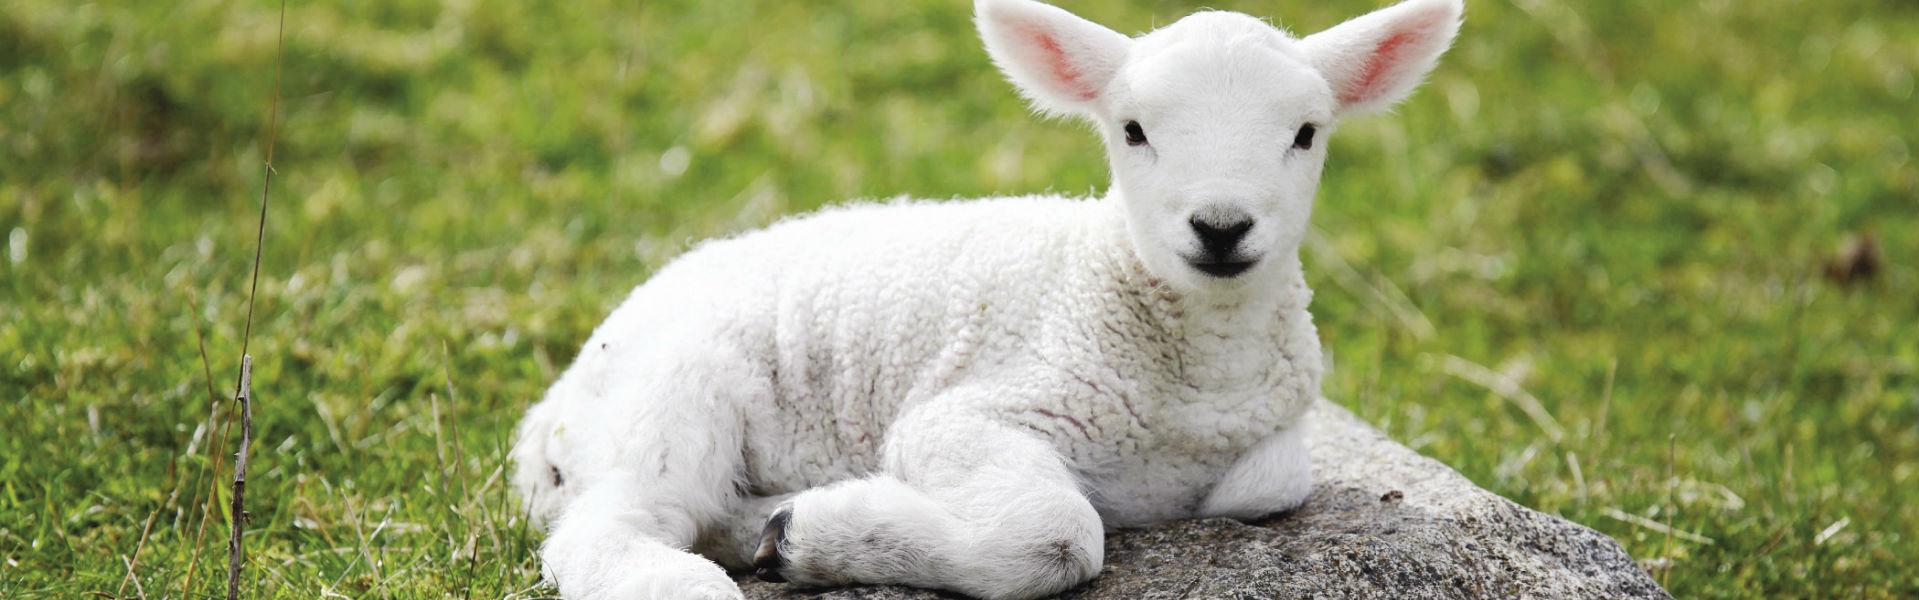 Comportamentul oilor: când spiritul de turmă învinge